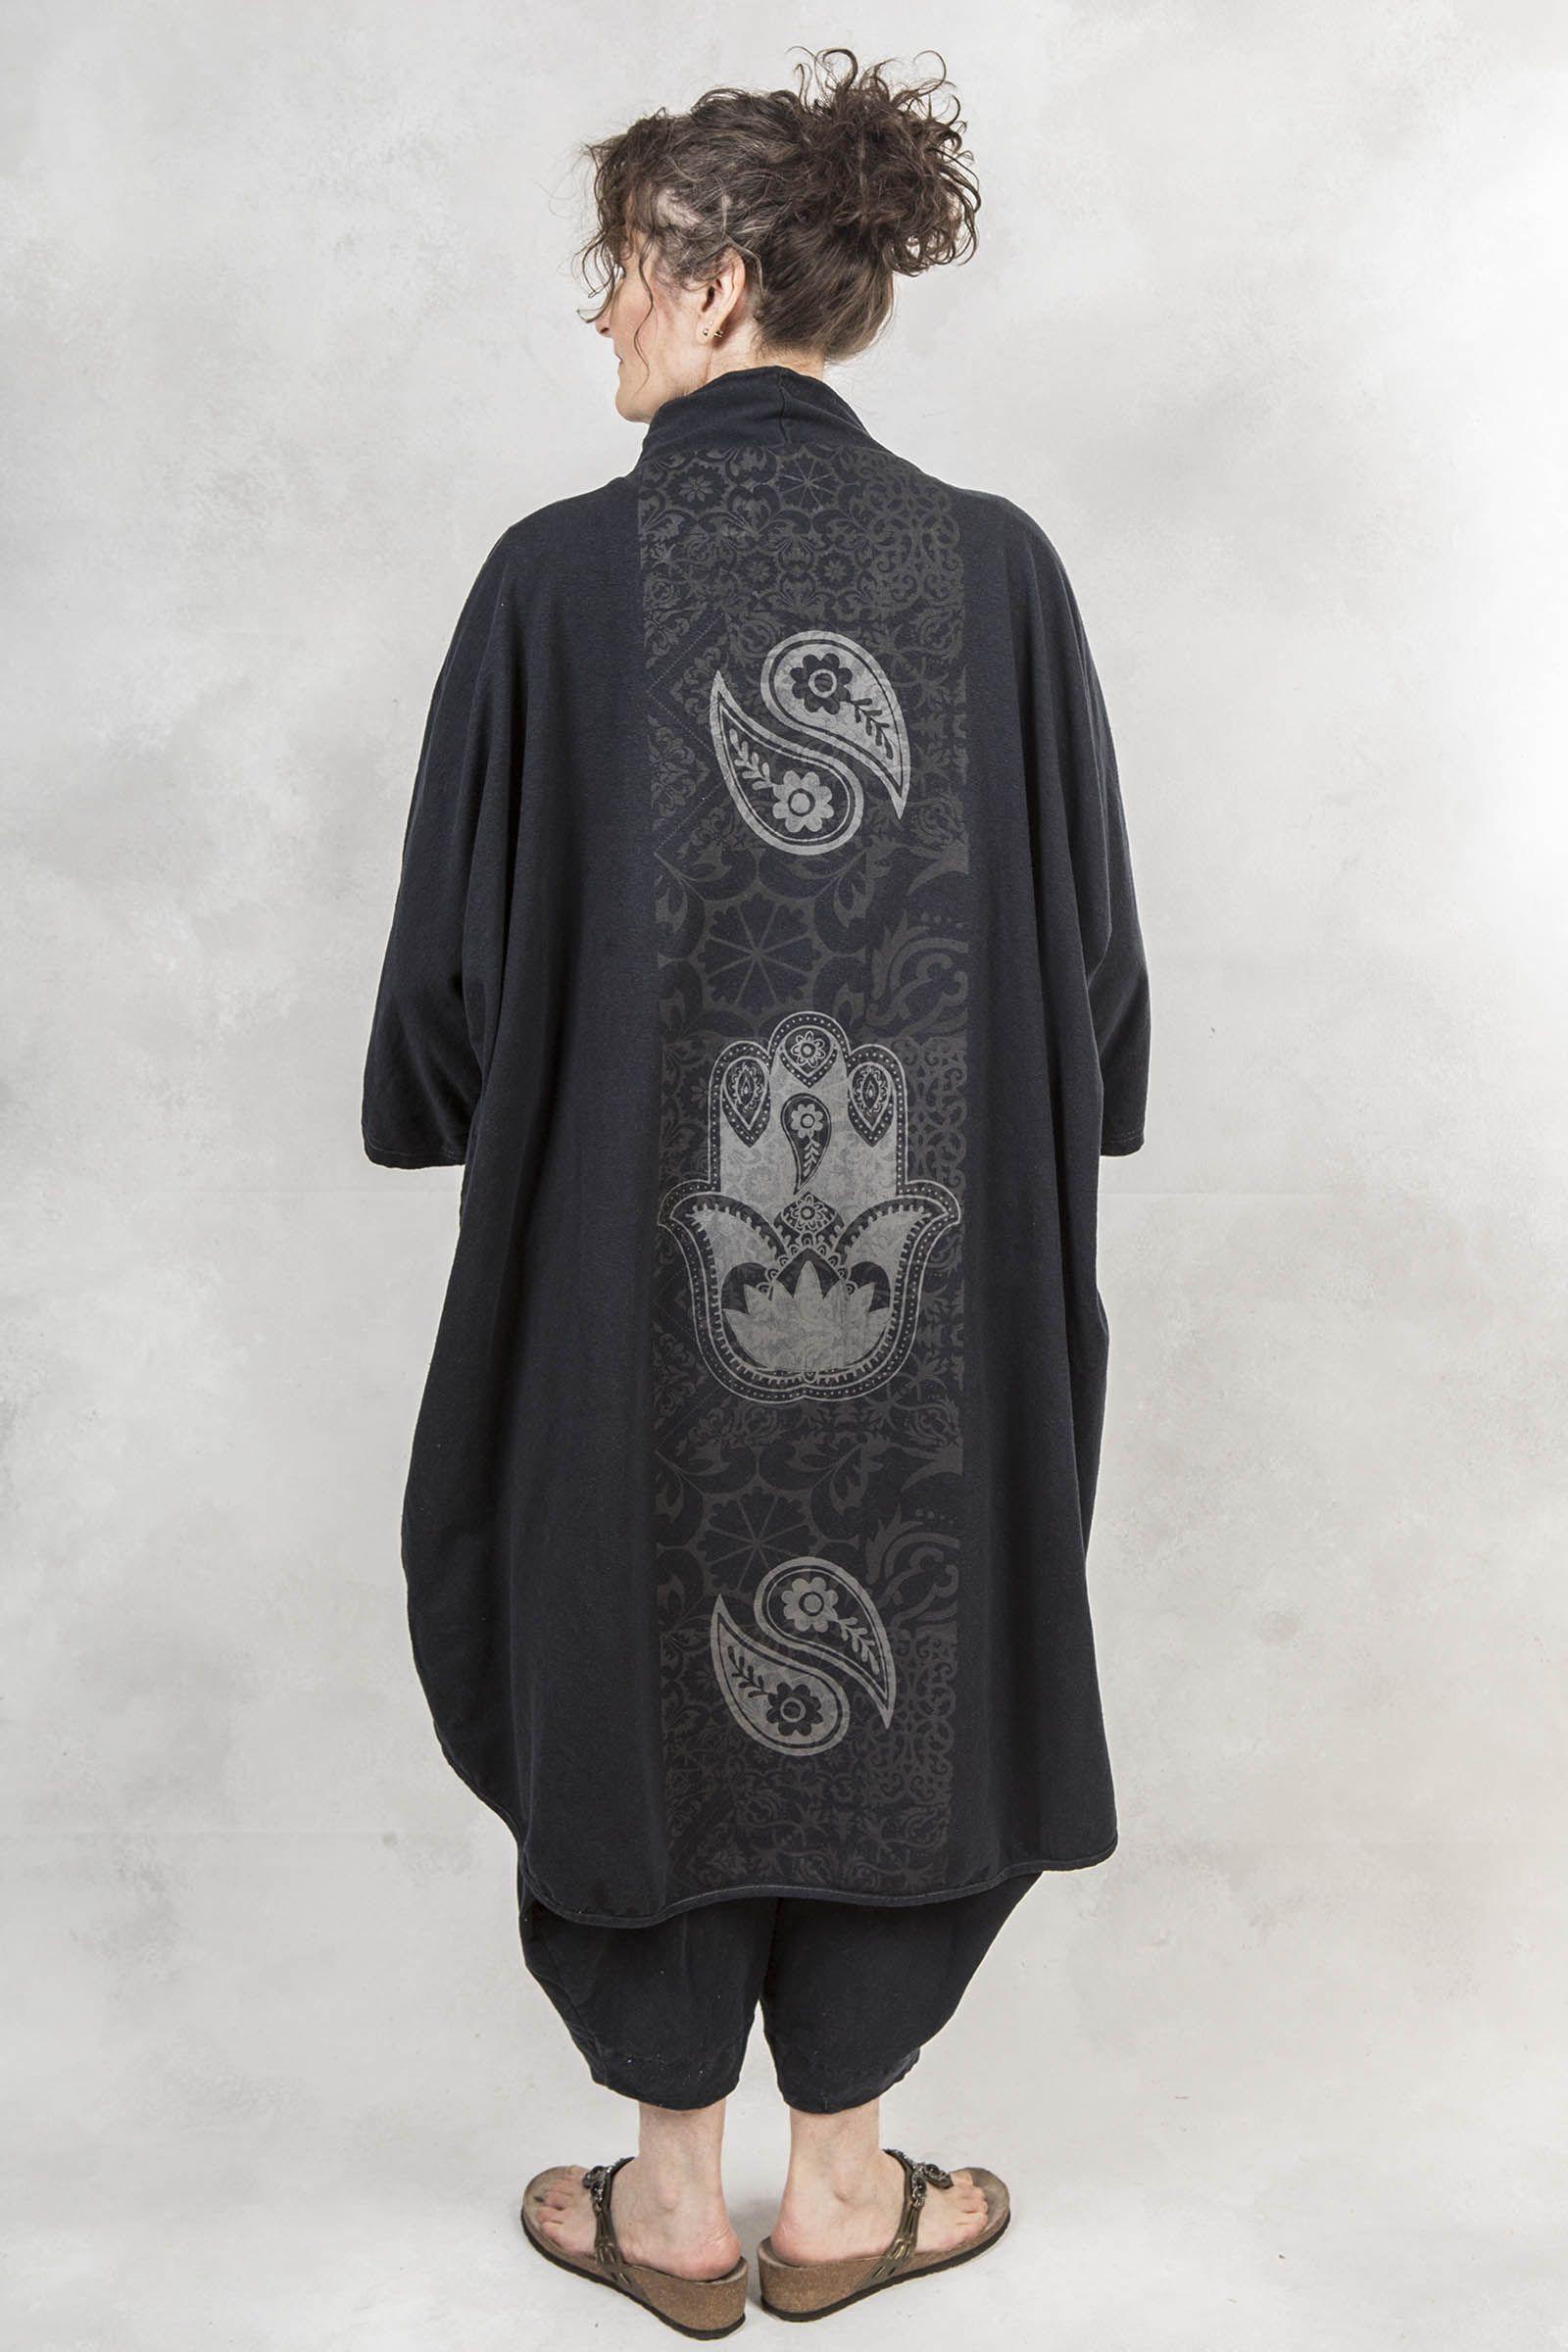 Kimono Jacket PrintedBlue Fish Clothing (With images